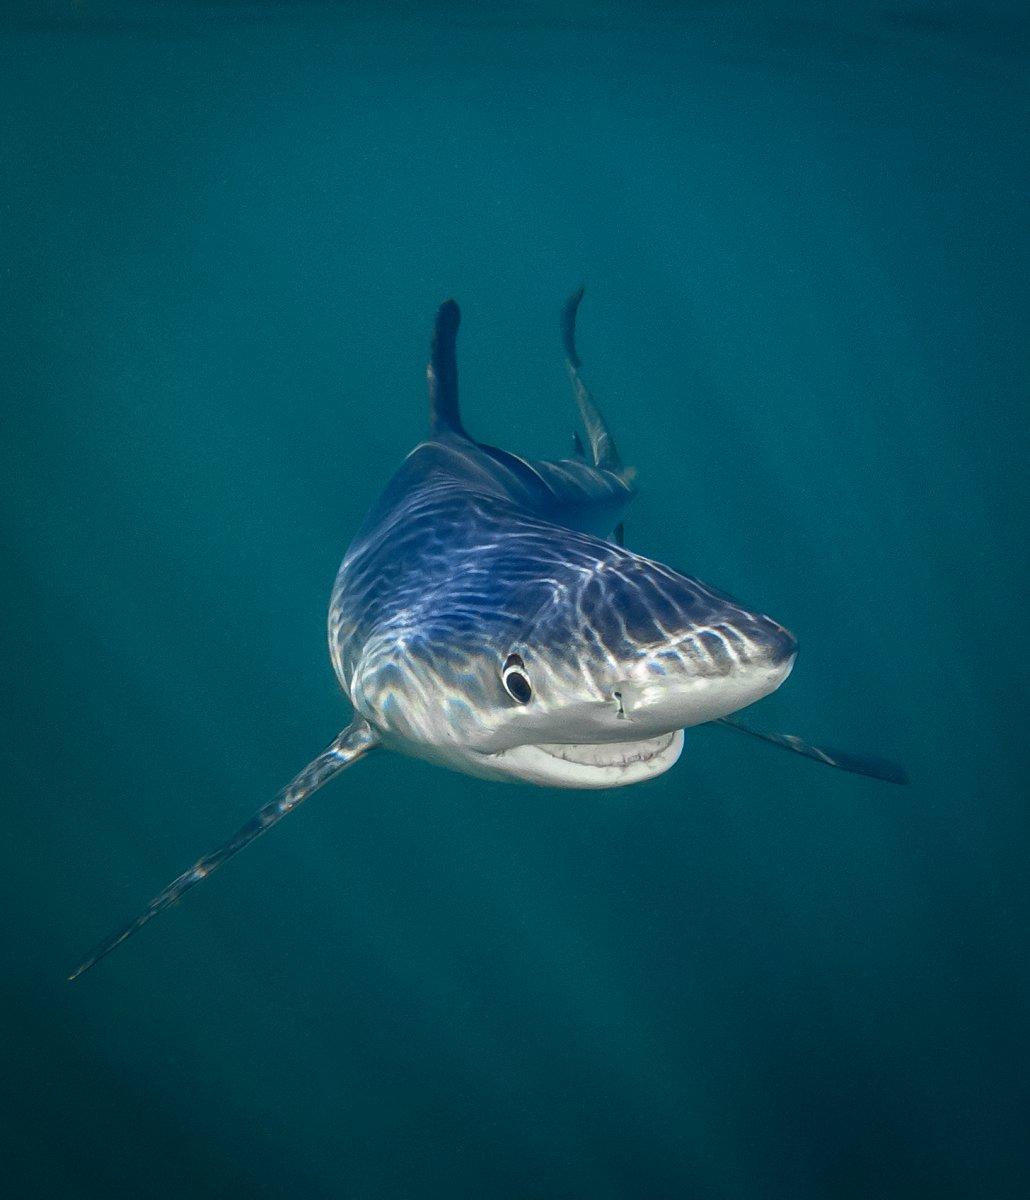 """Vencedor da categoria No fundo do mar: """"Tubarão Azul Sorridente"""", de Tanya Houppermans"""